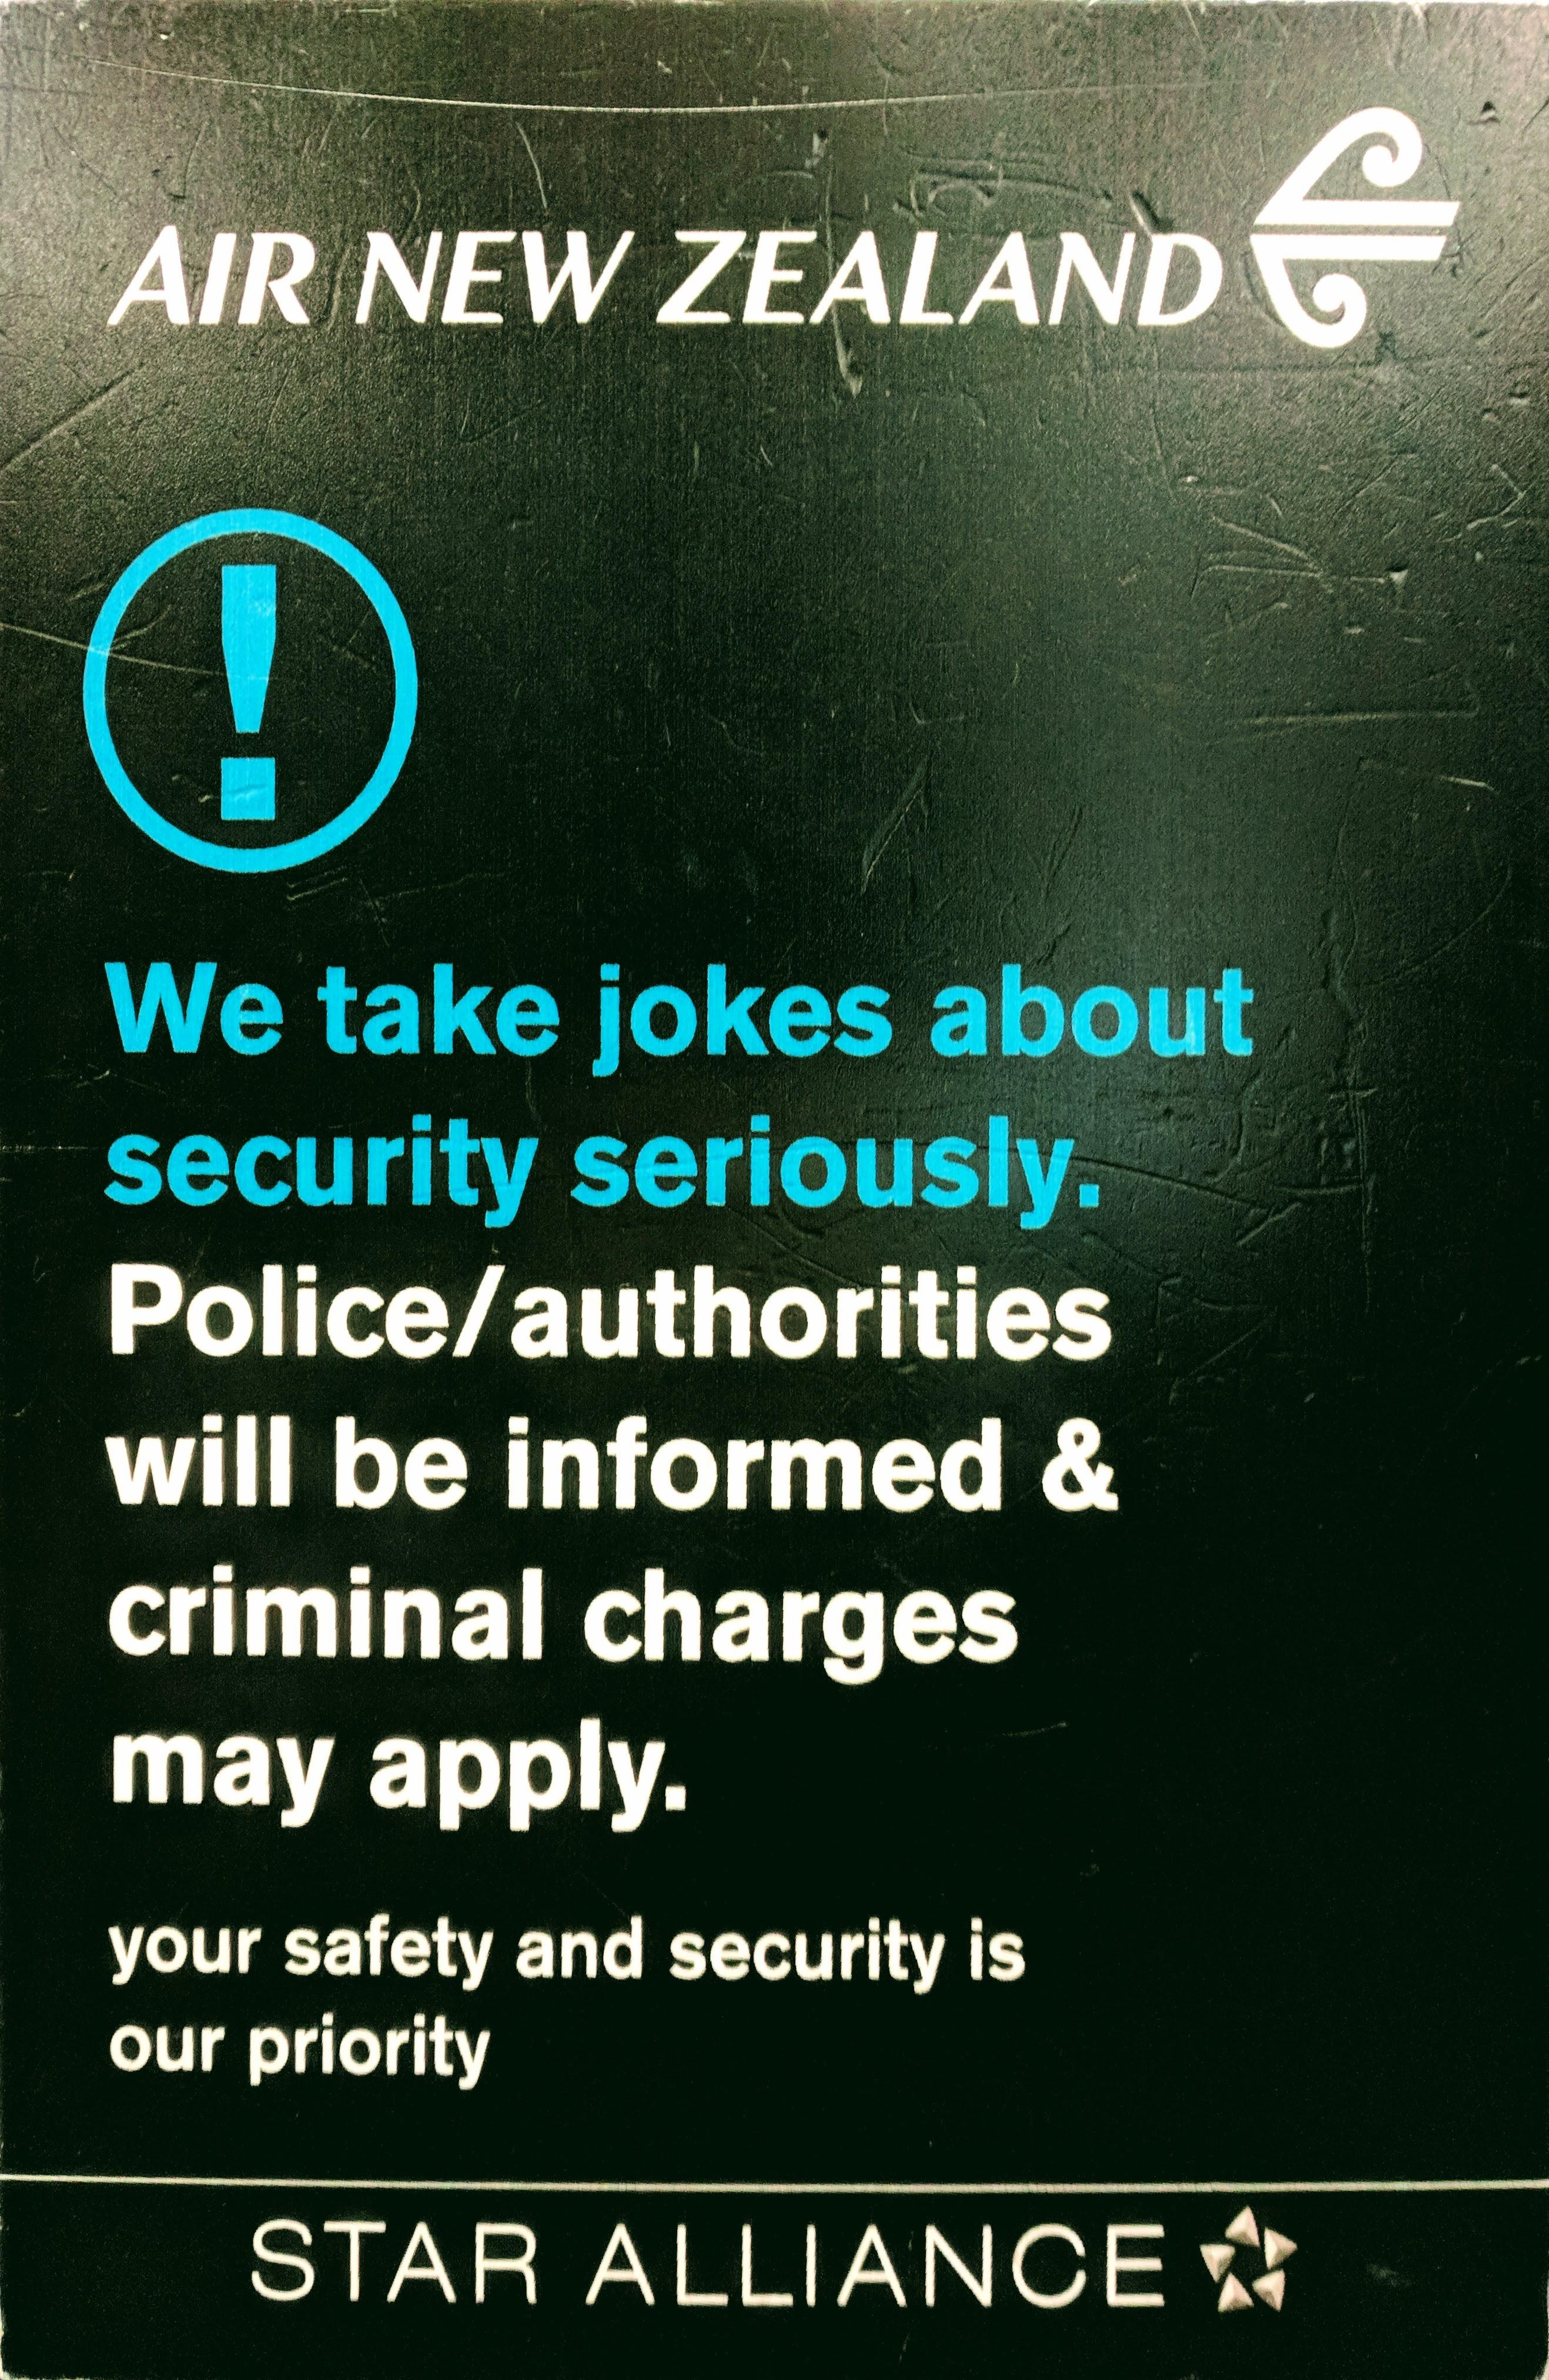 Air NZ 'no jokes' sign